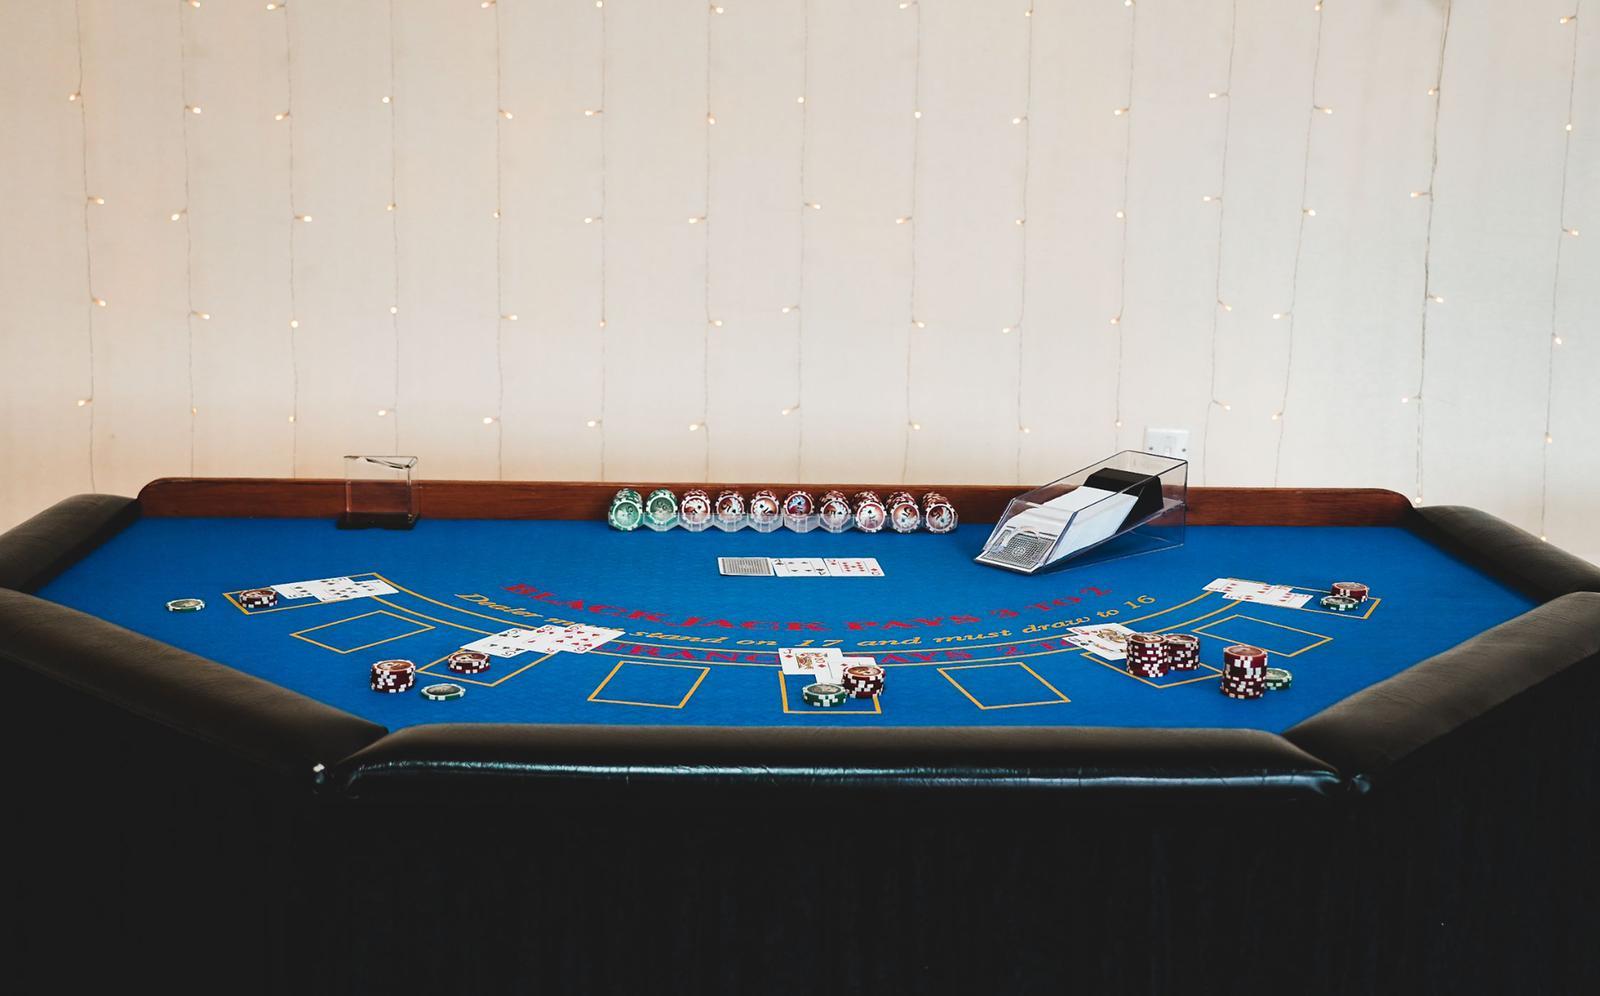 blackjack table full